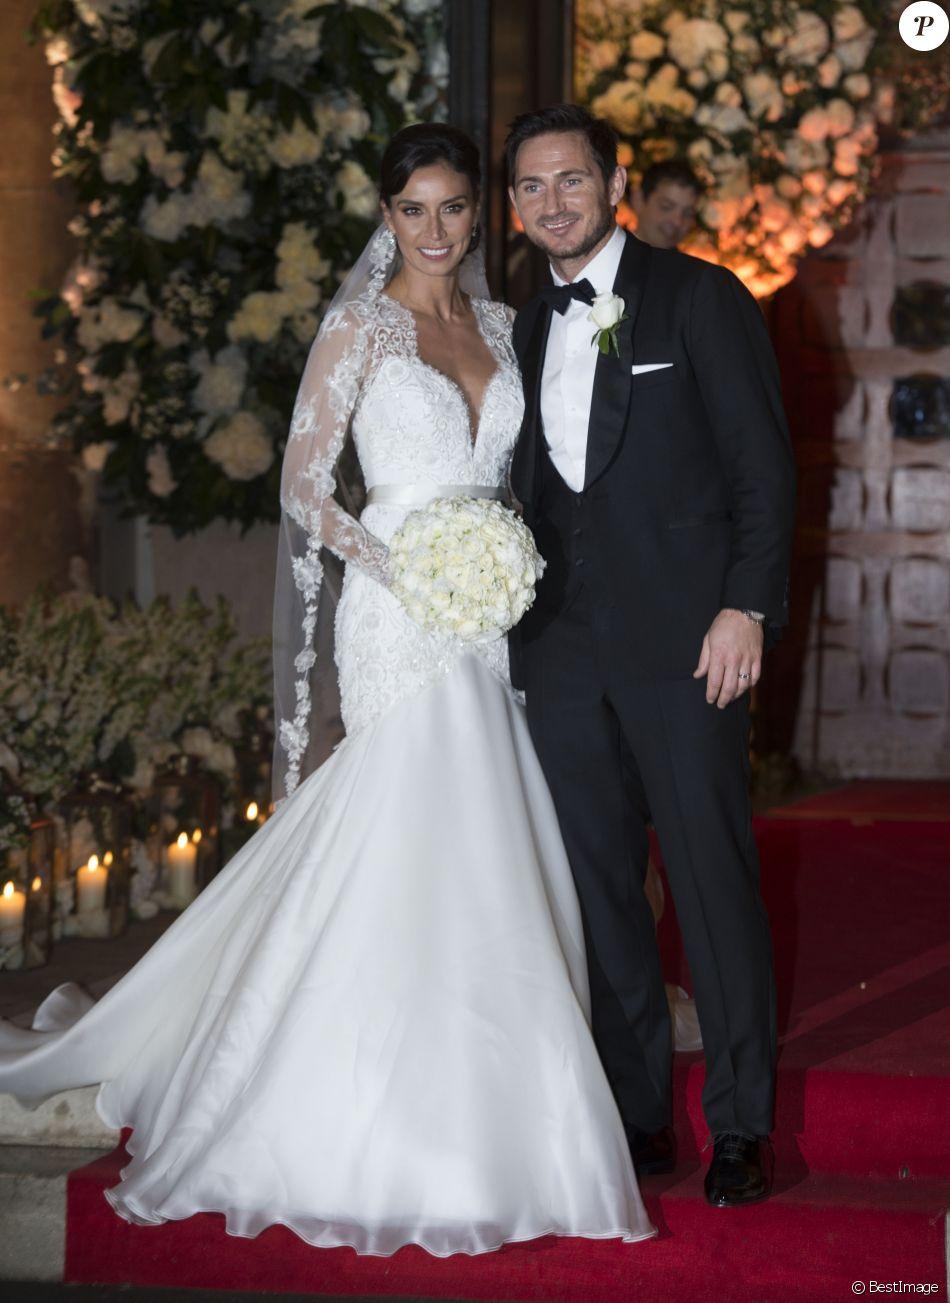 Christine et Frank Lampard lors de leur mariage à Londres le 20 décembre 2015.